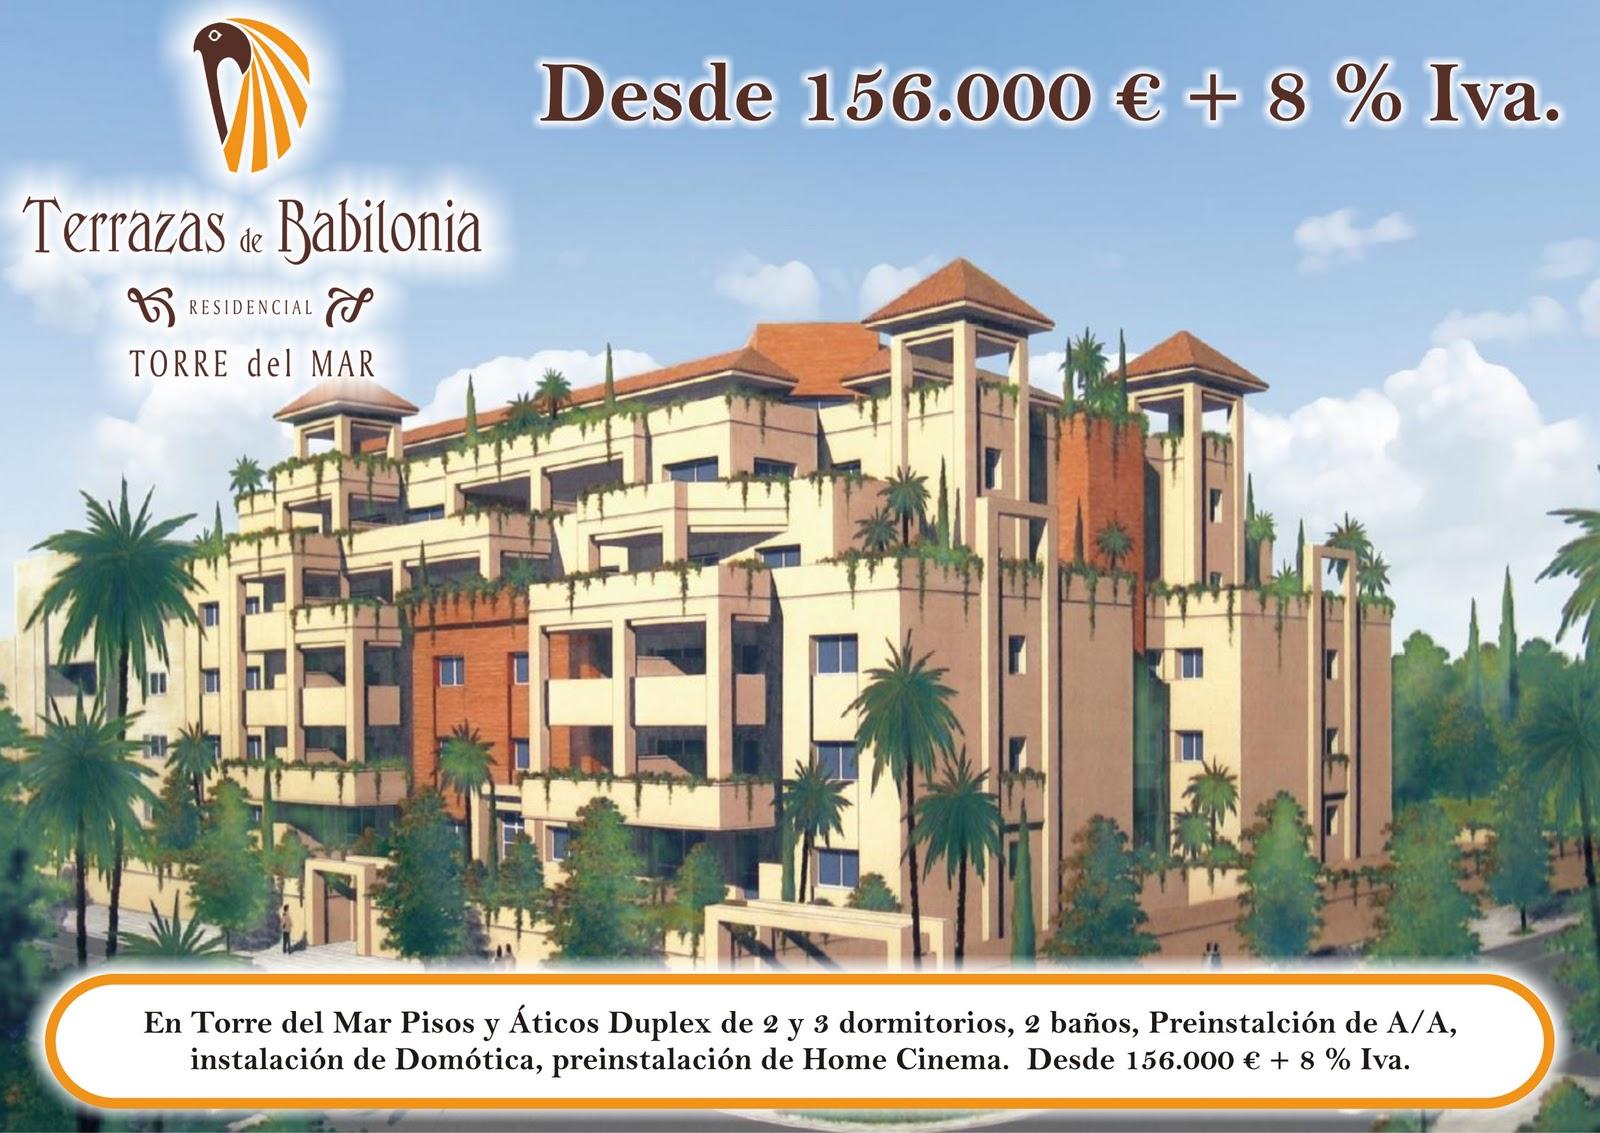 Ure a inmobiliaria nueva promoci n a la venta en torre del mar terrazas de babilonia - Pisos en venta en torre del mar ...